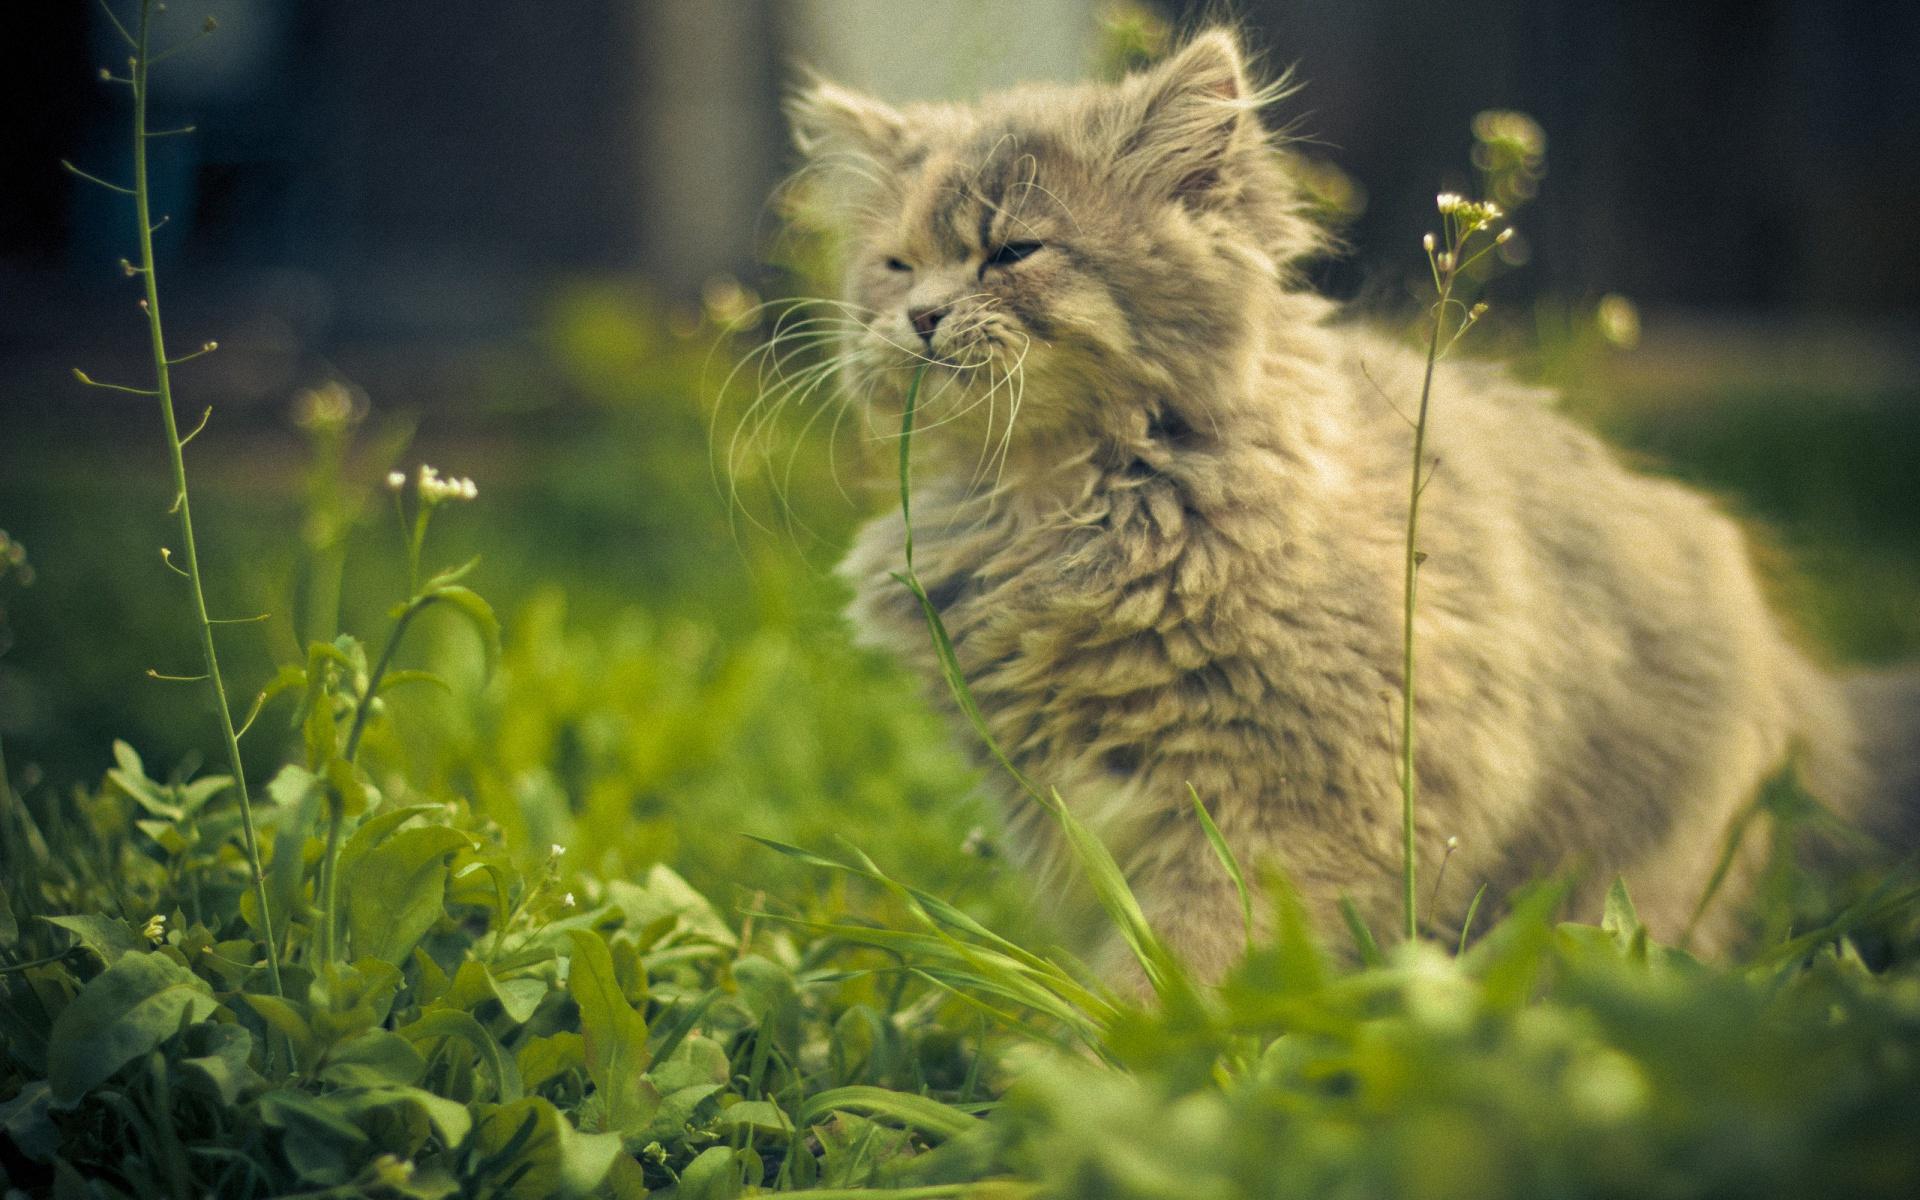 кот животное природа  № 2038208 без смс